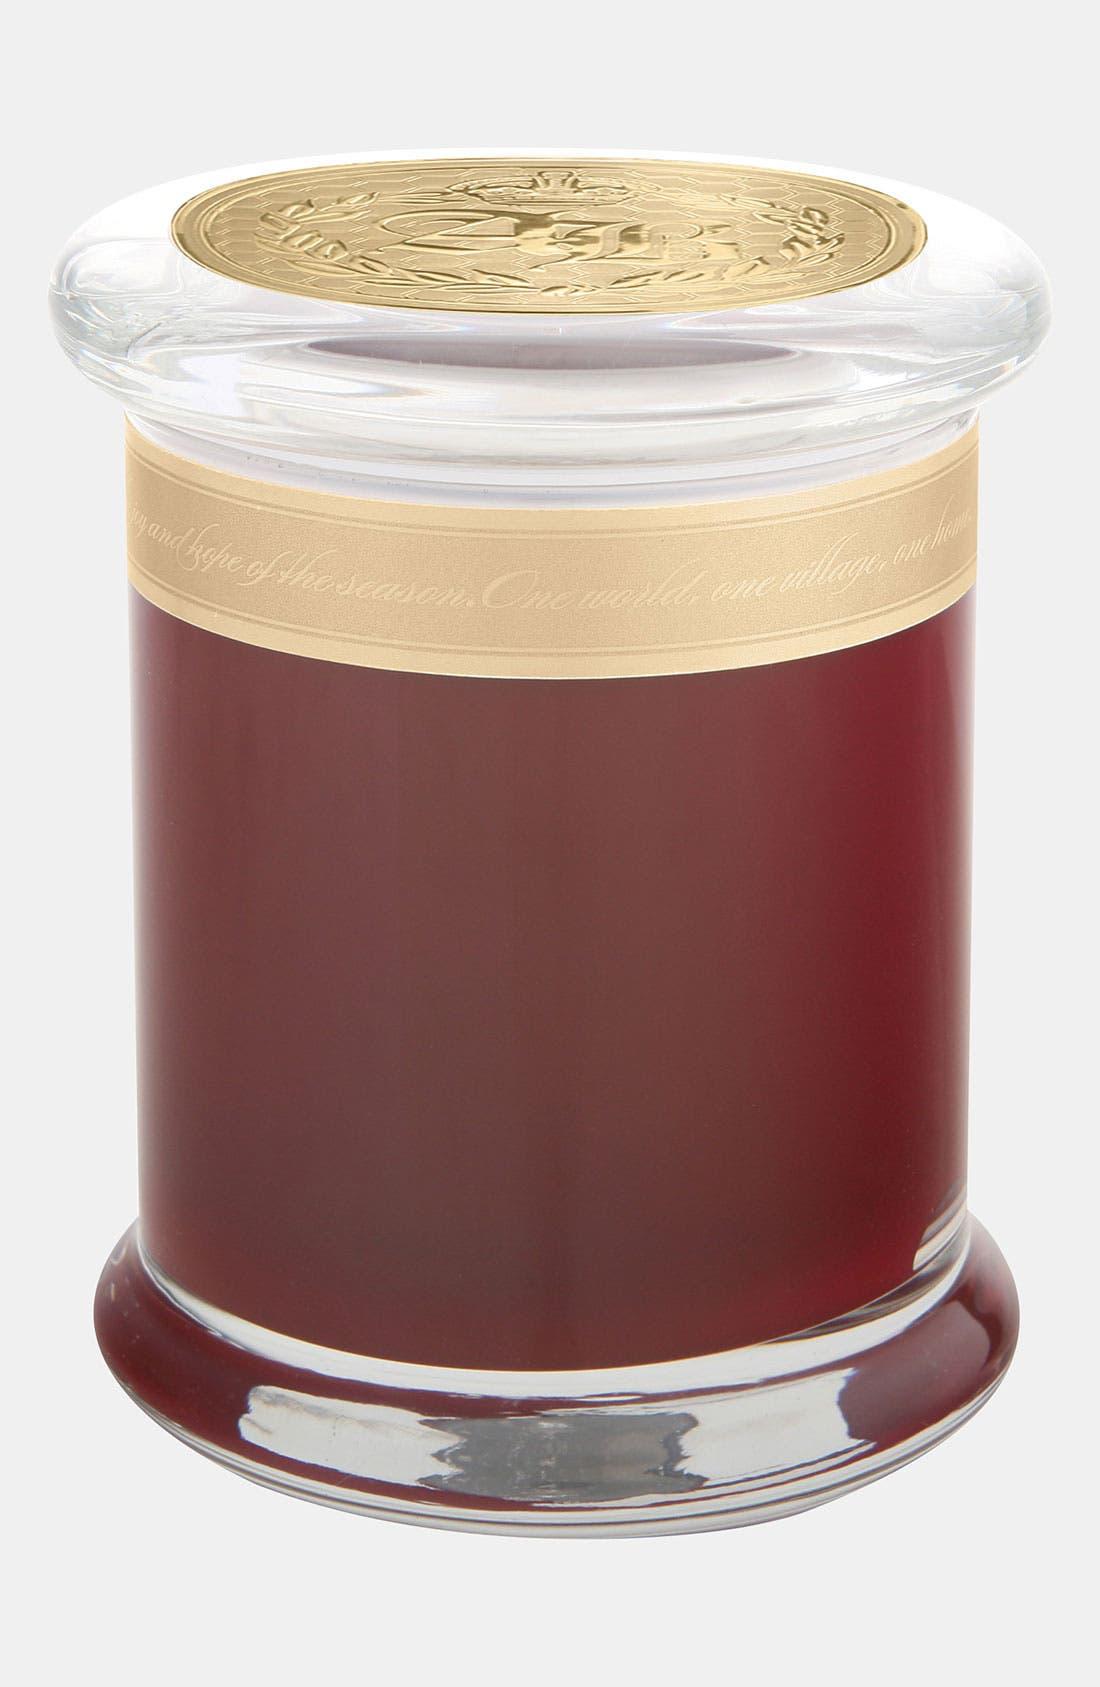 Alternate Image 1 Selected - Archipelago Botanicals 'Joy of the Season' Jar Candle